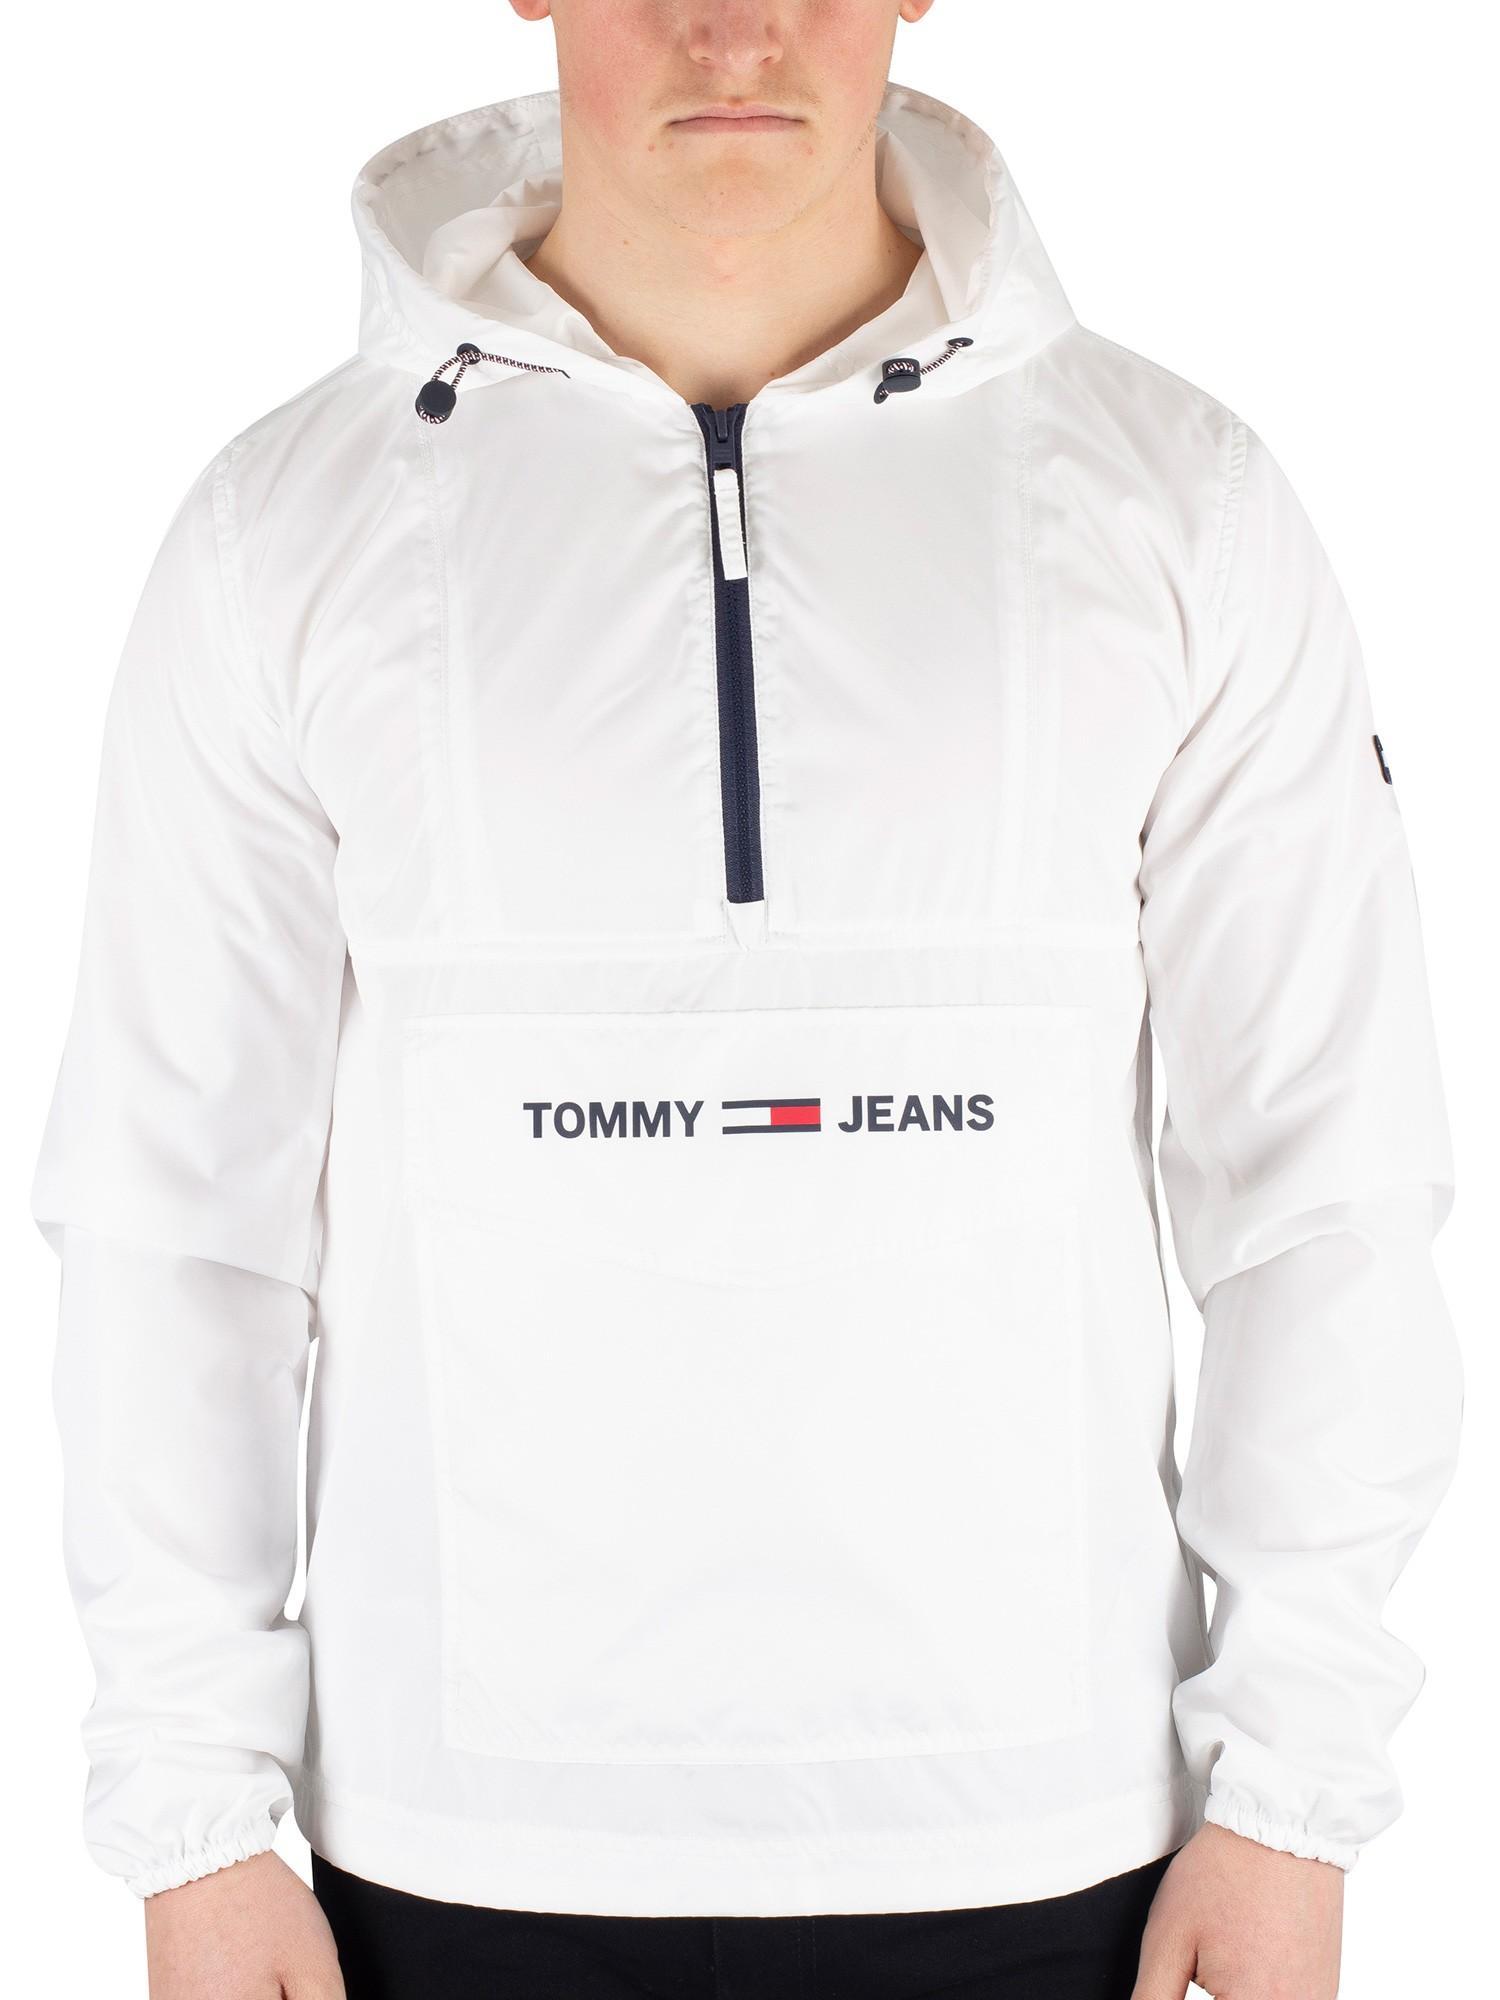 Tommy Jeans Herren TJM Nylon Shell Solid Popover Jacke